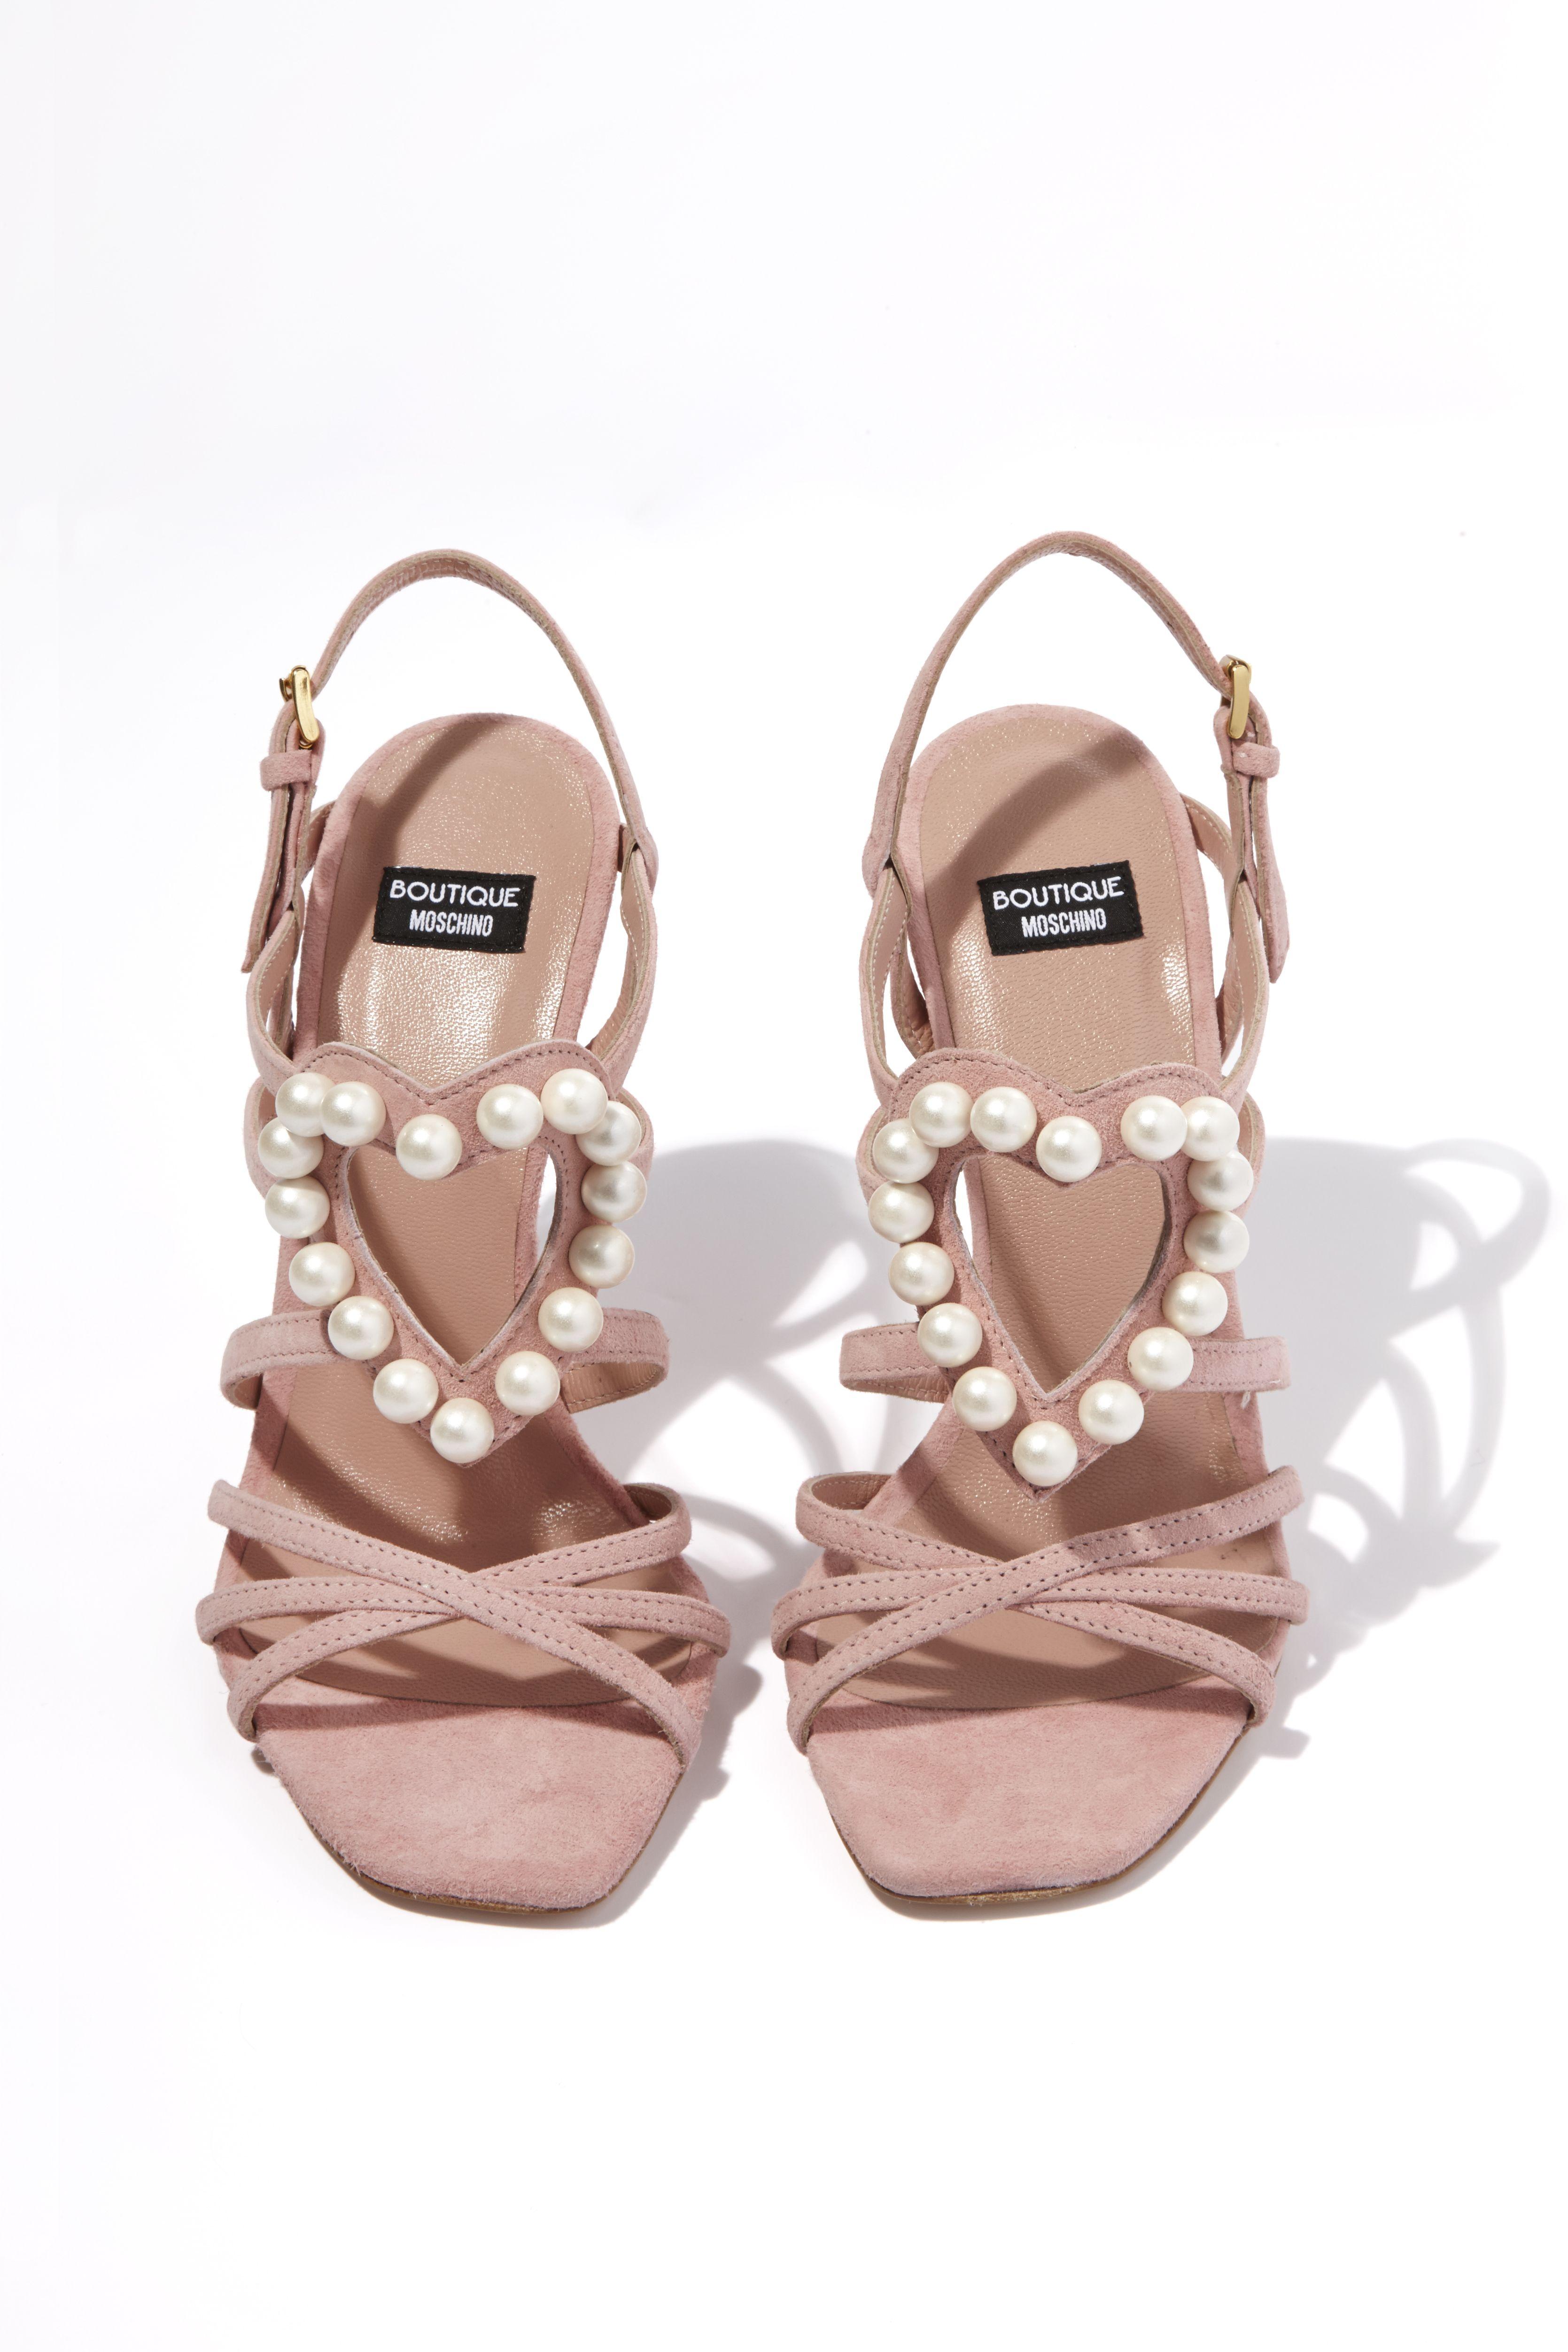 Shoe boutique, Open toe sandals